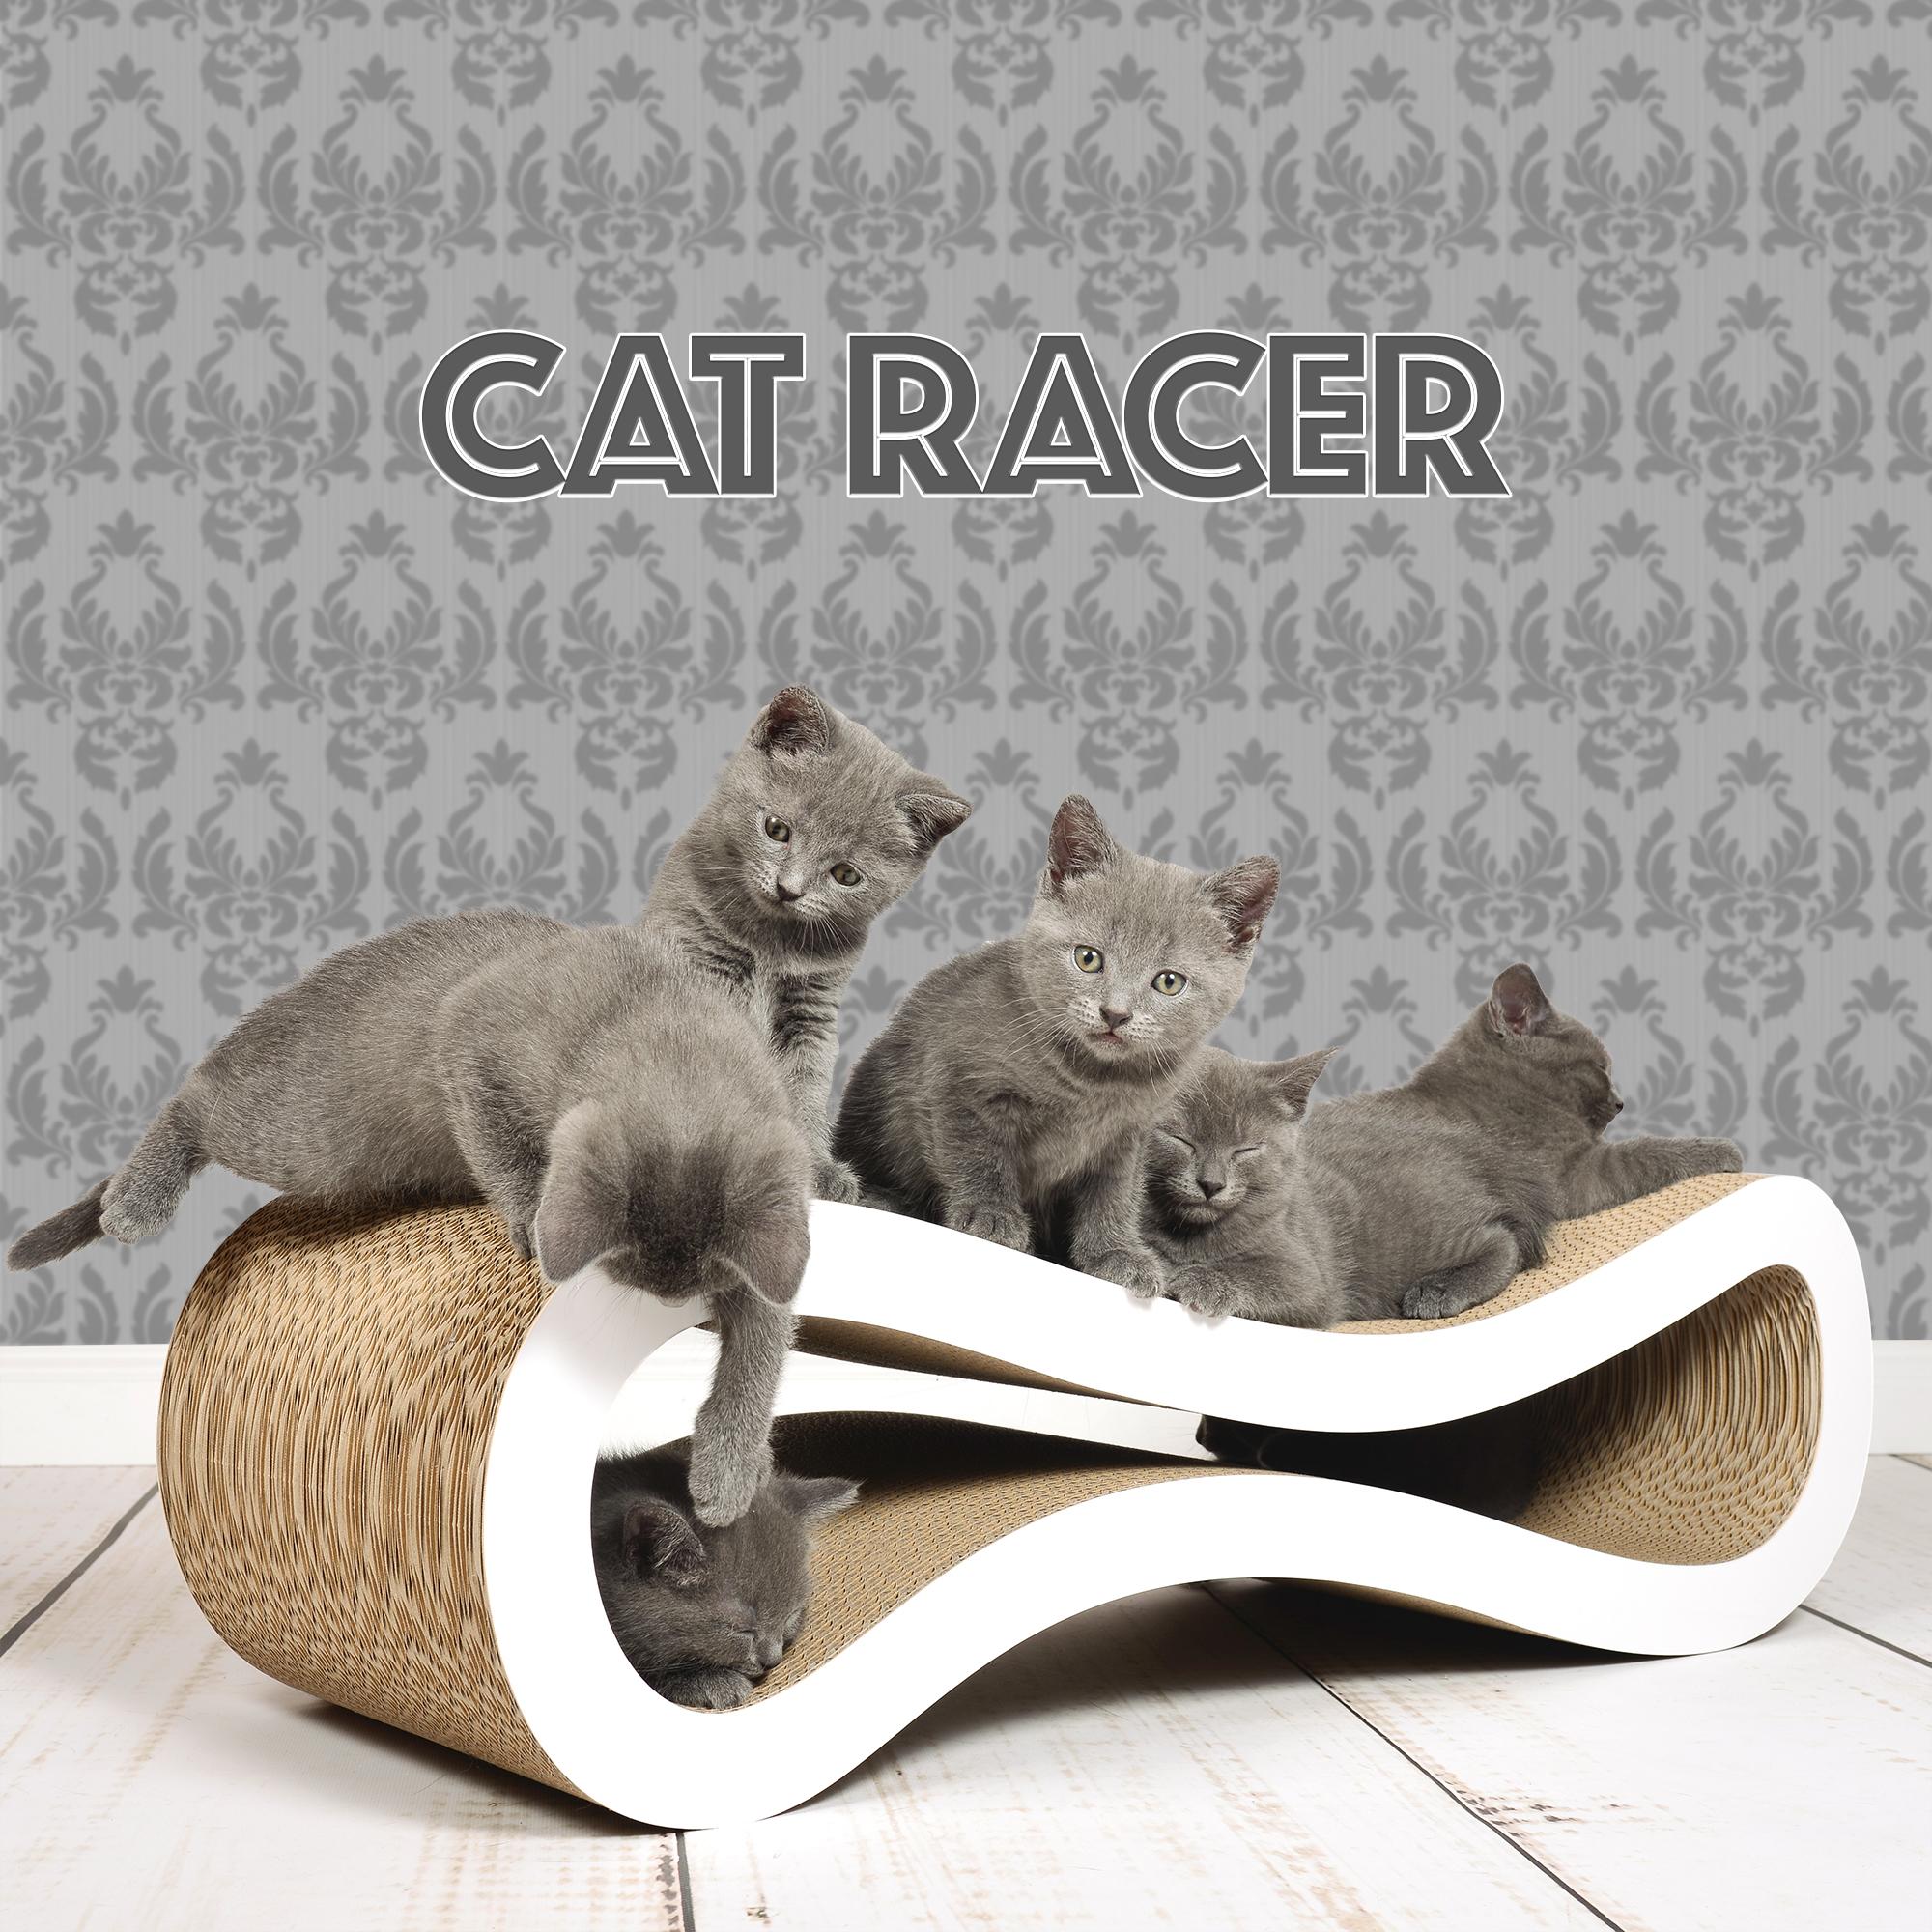 Arbre à chat Cat Racer, fabriqué en Allemagne